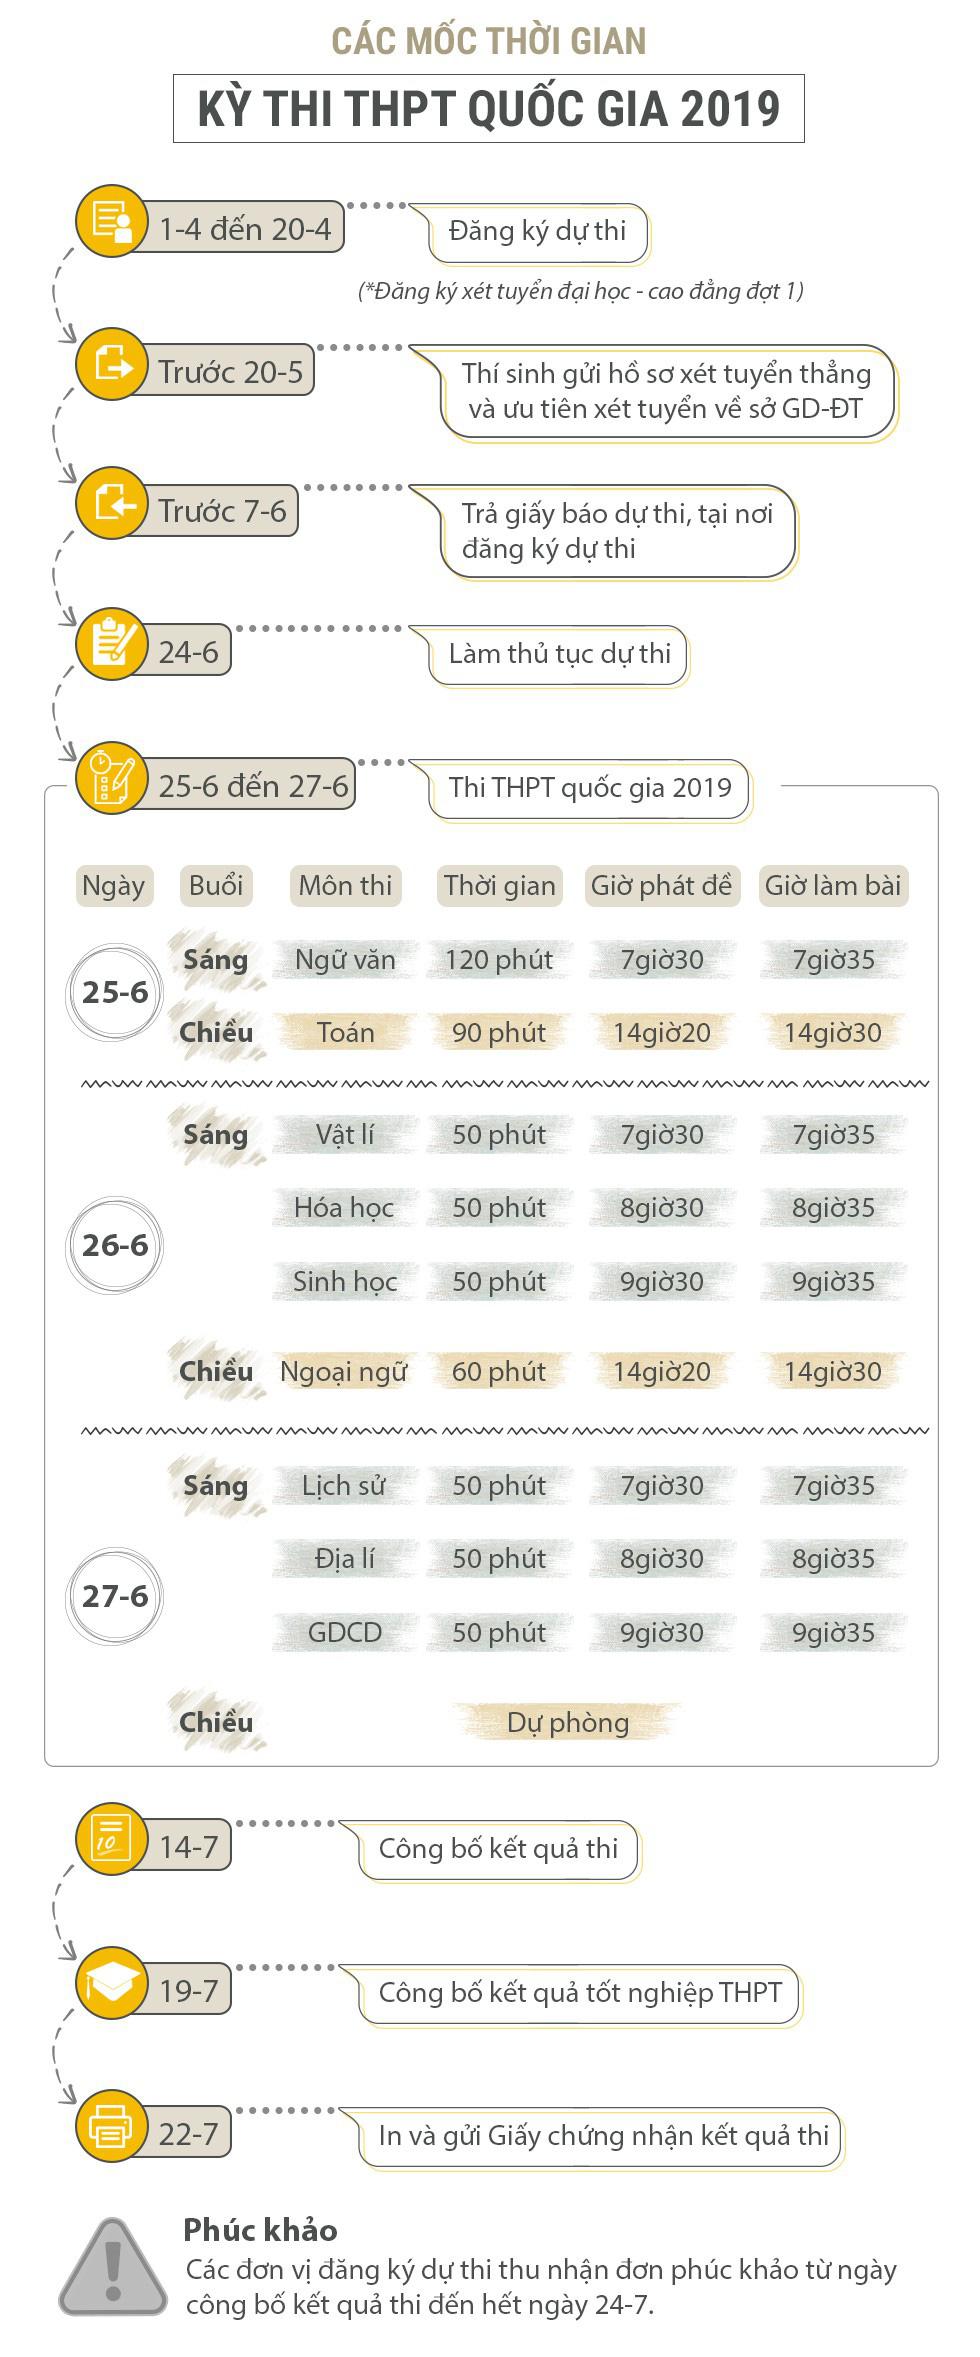 Các mốc thời gian kỳ thi THPT quốc gia 2019 thí sinh cần lưu ý - Ảnh 1.